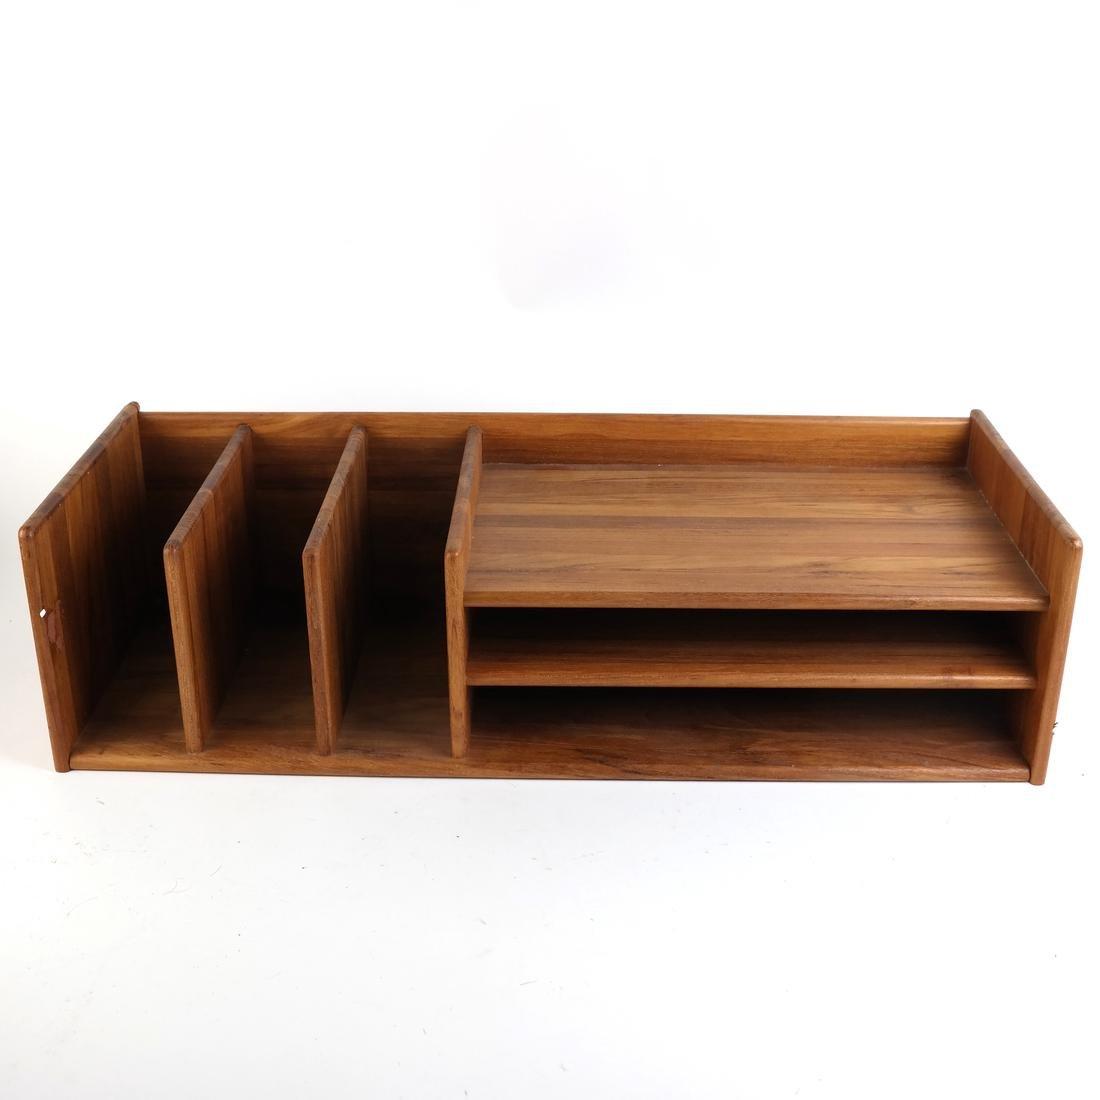 Wooden Desk Organizer - 2